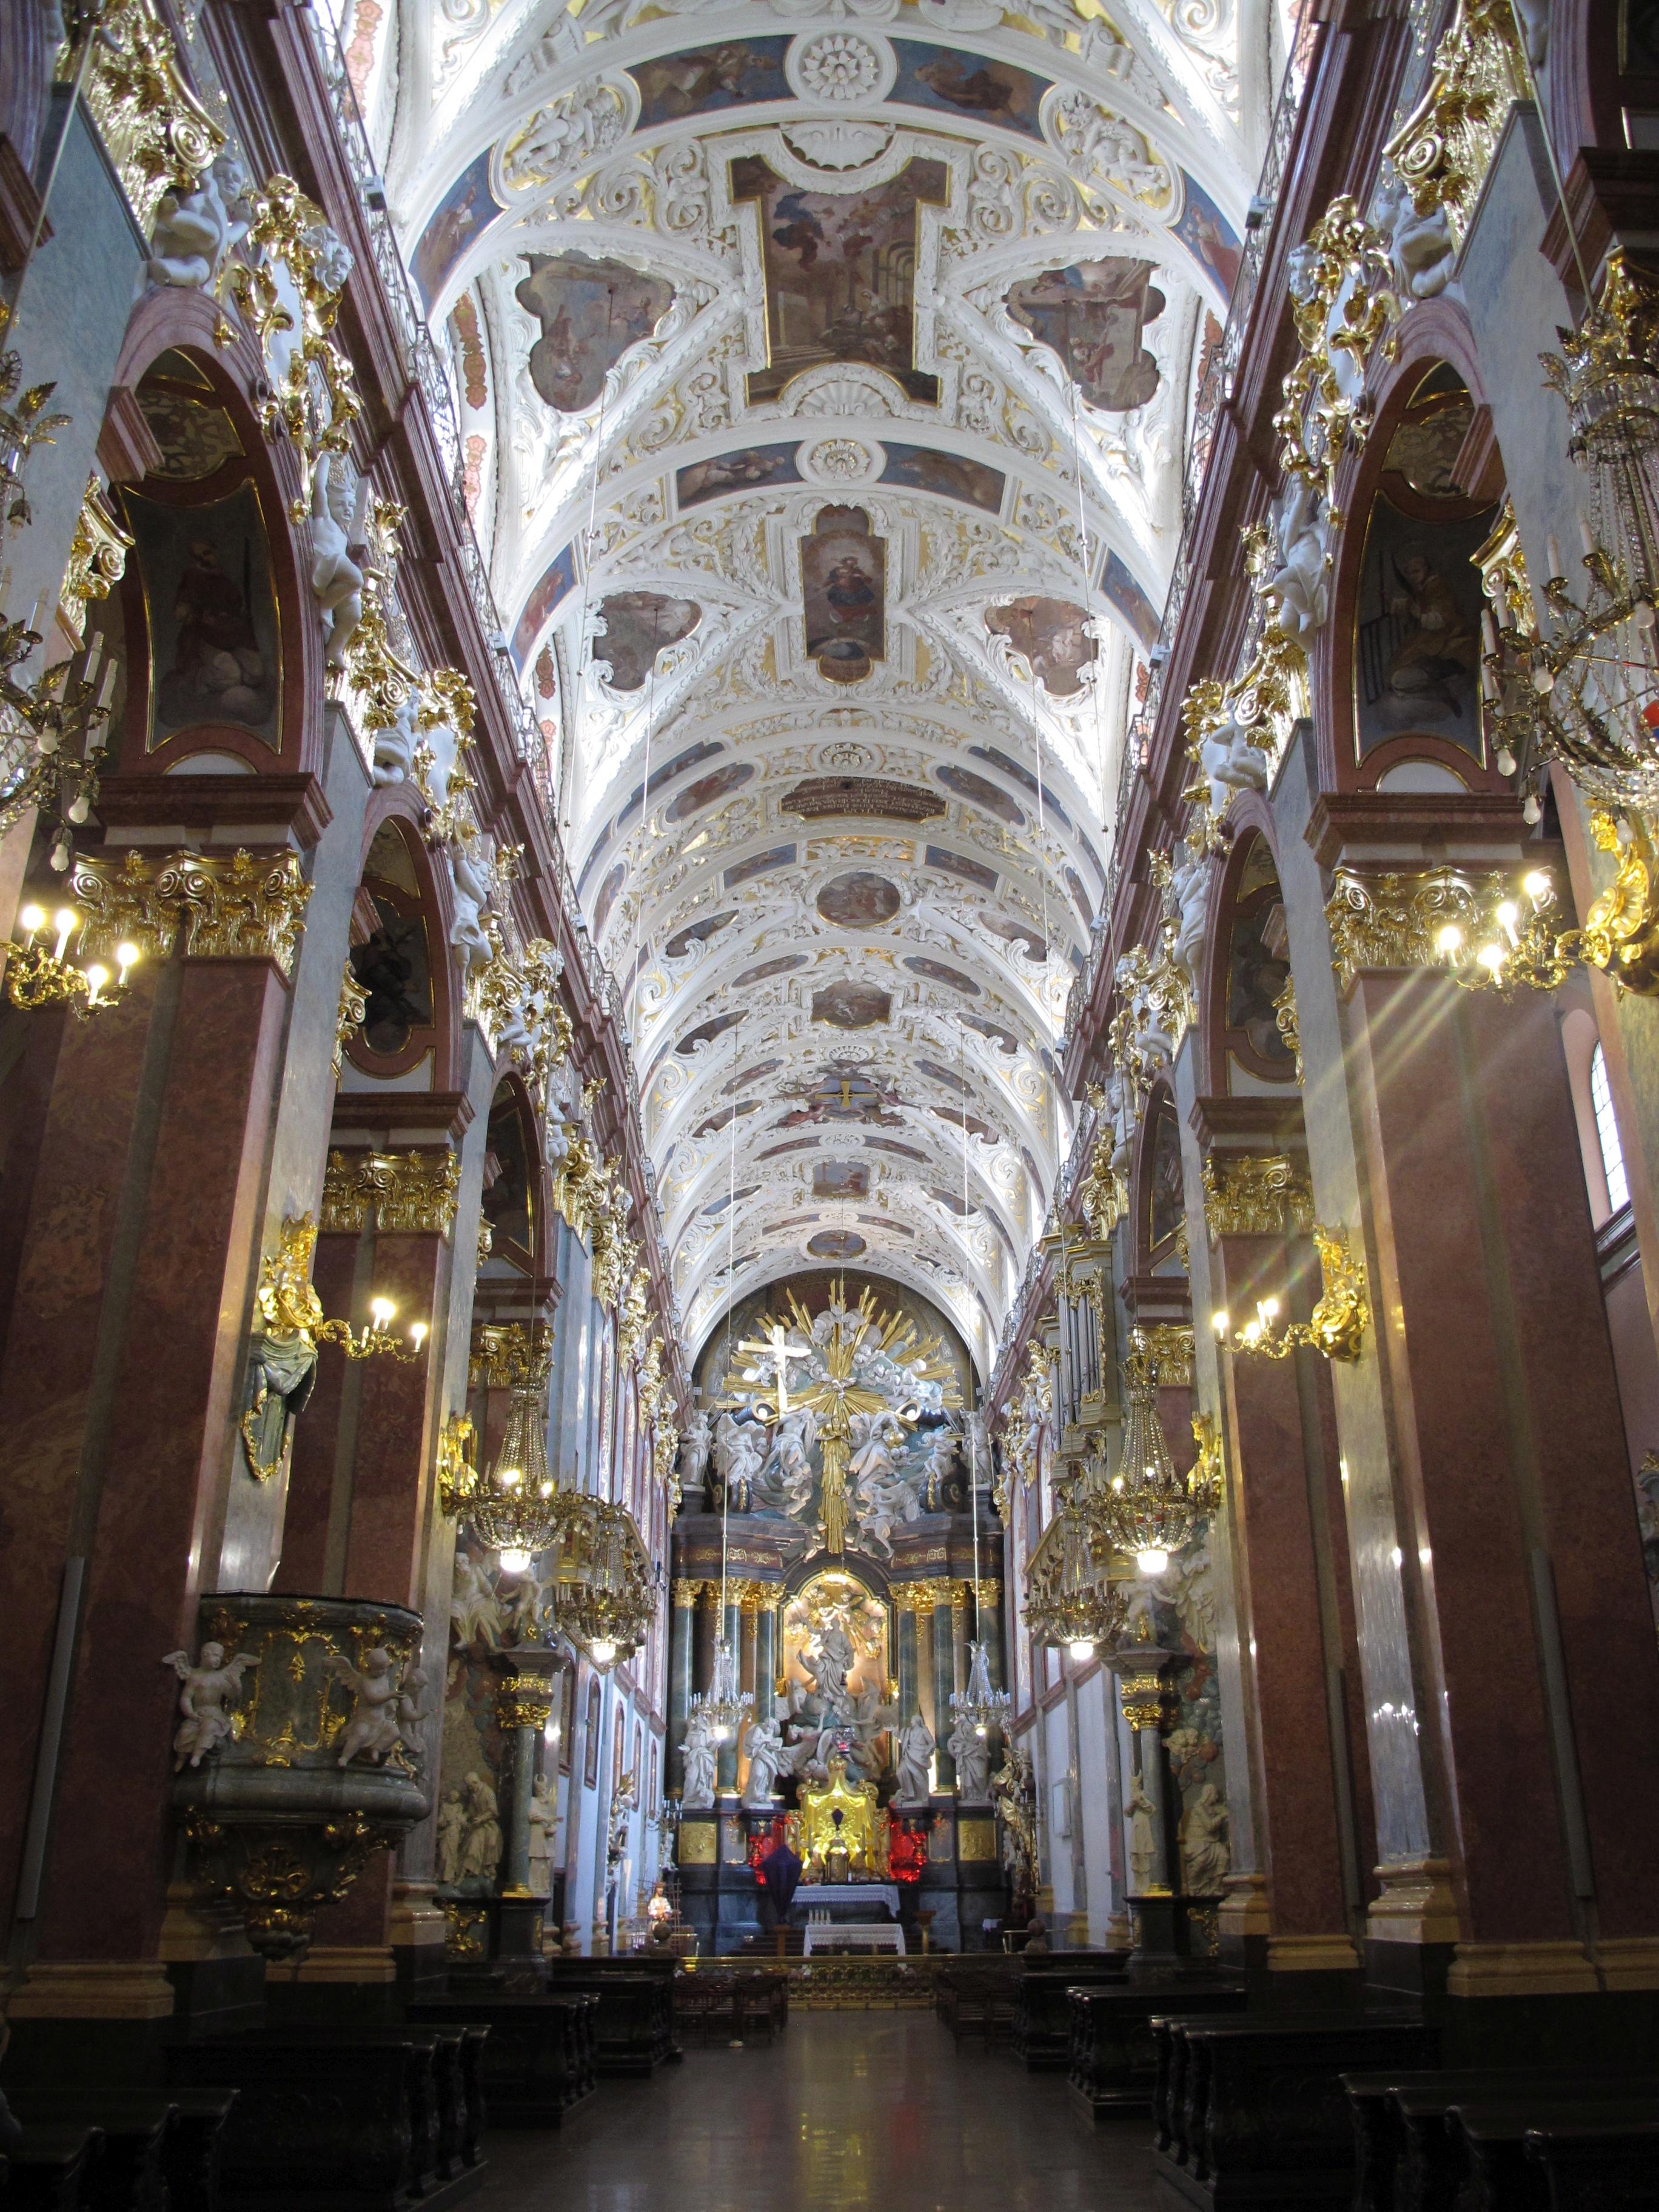 File:Czestochowa Jasna Gora bazylika 5.jpg - Wikimedia Commons